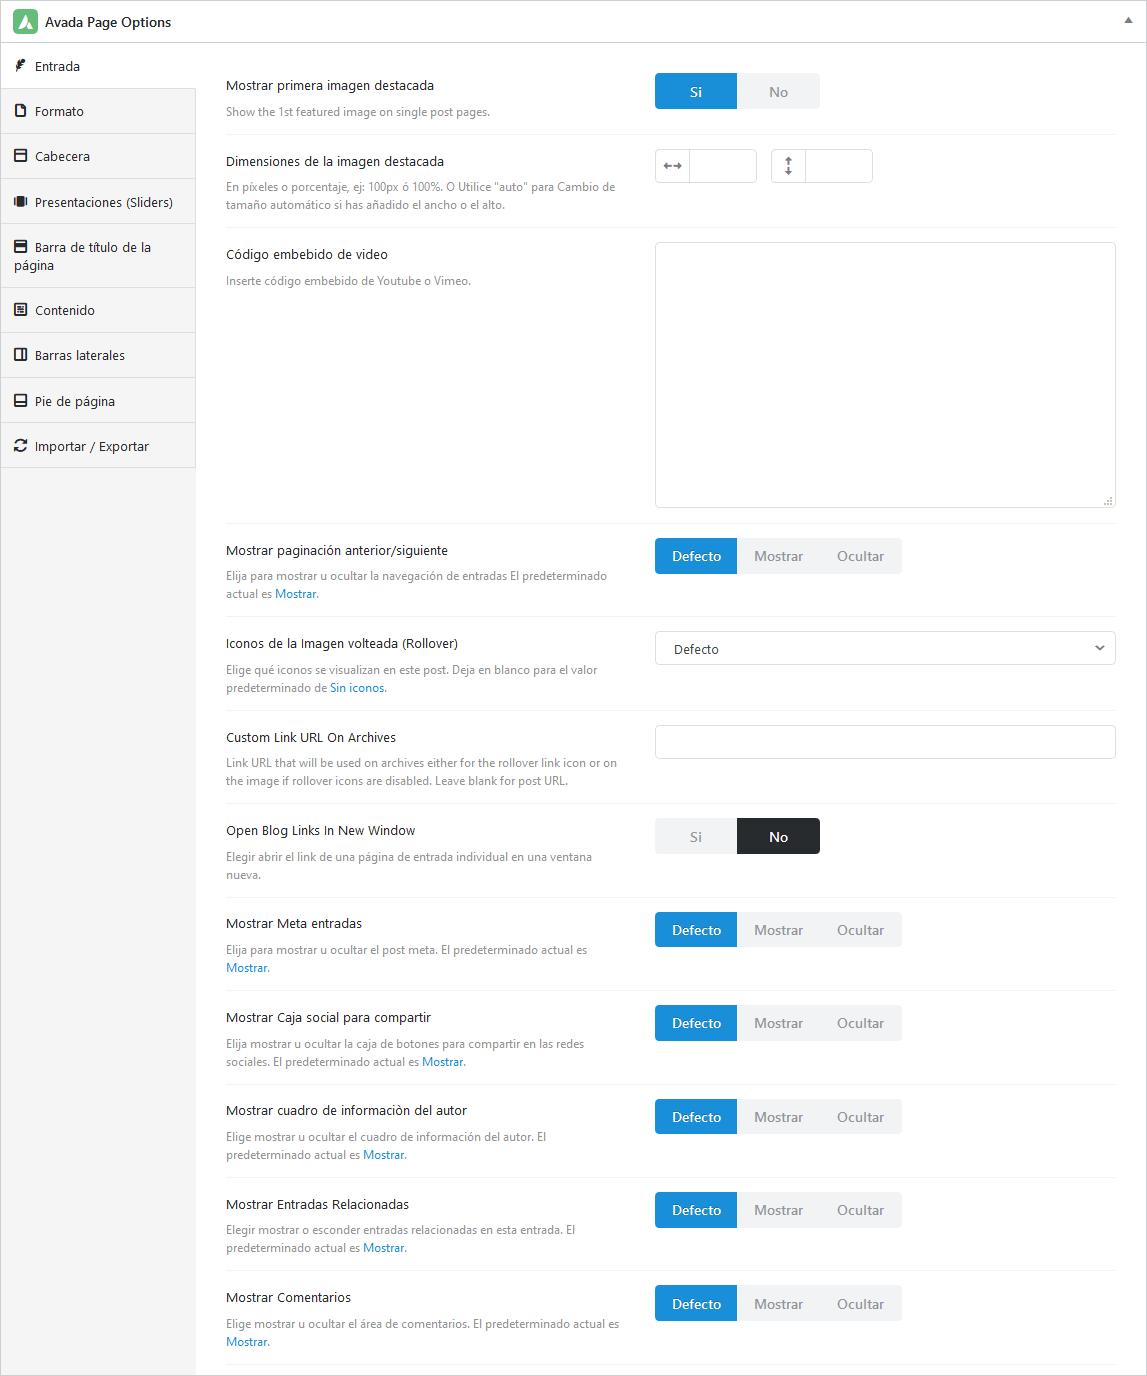 Avada Page Options para entradas de blog